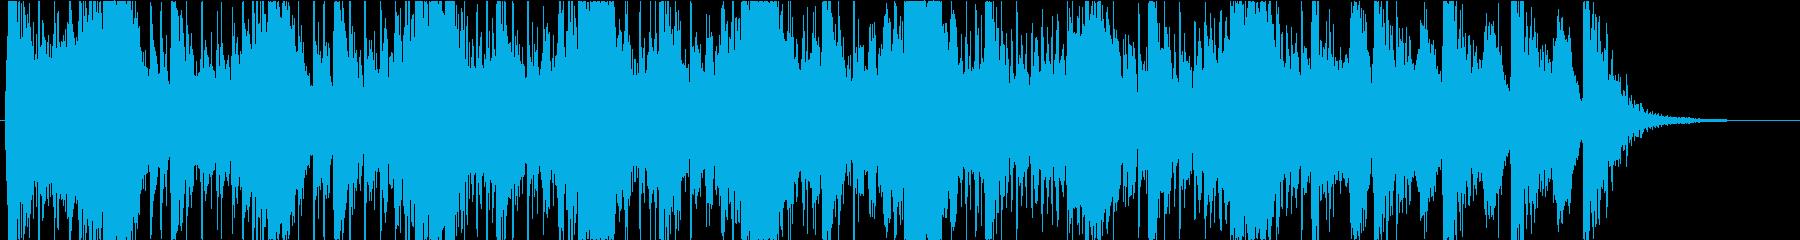 緊迫したインストの再生済みの波形